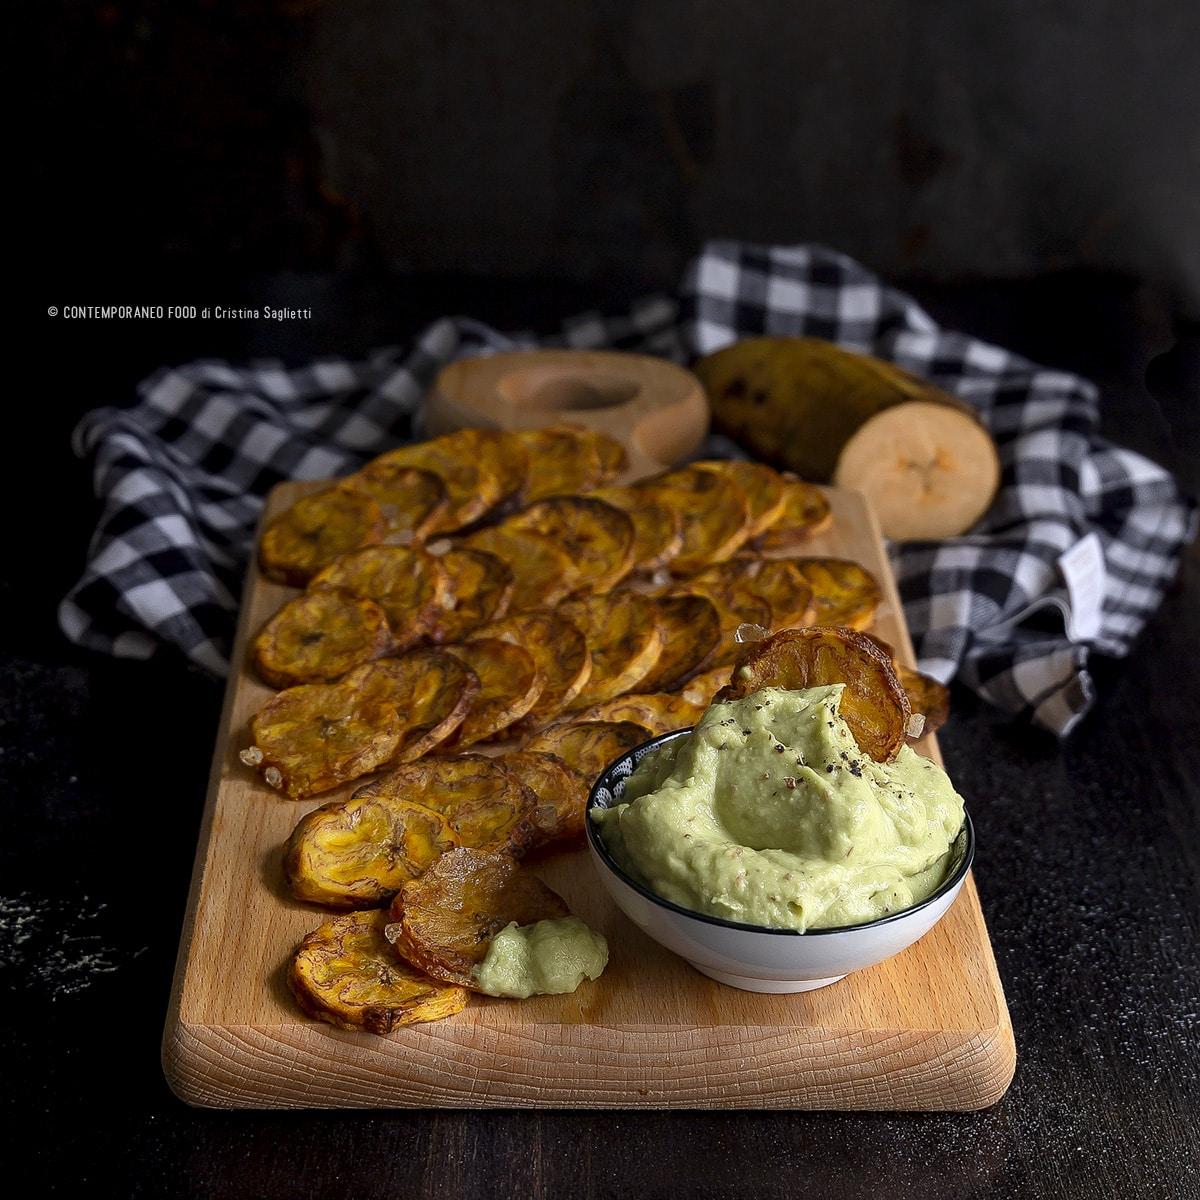 platano-fritto-con-maionese-di-avocado-ricetta-facile-ricetta-facile-aperitivo-contemporaneo-food